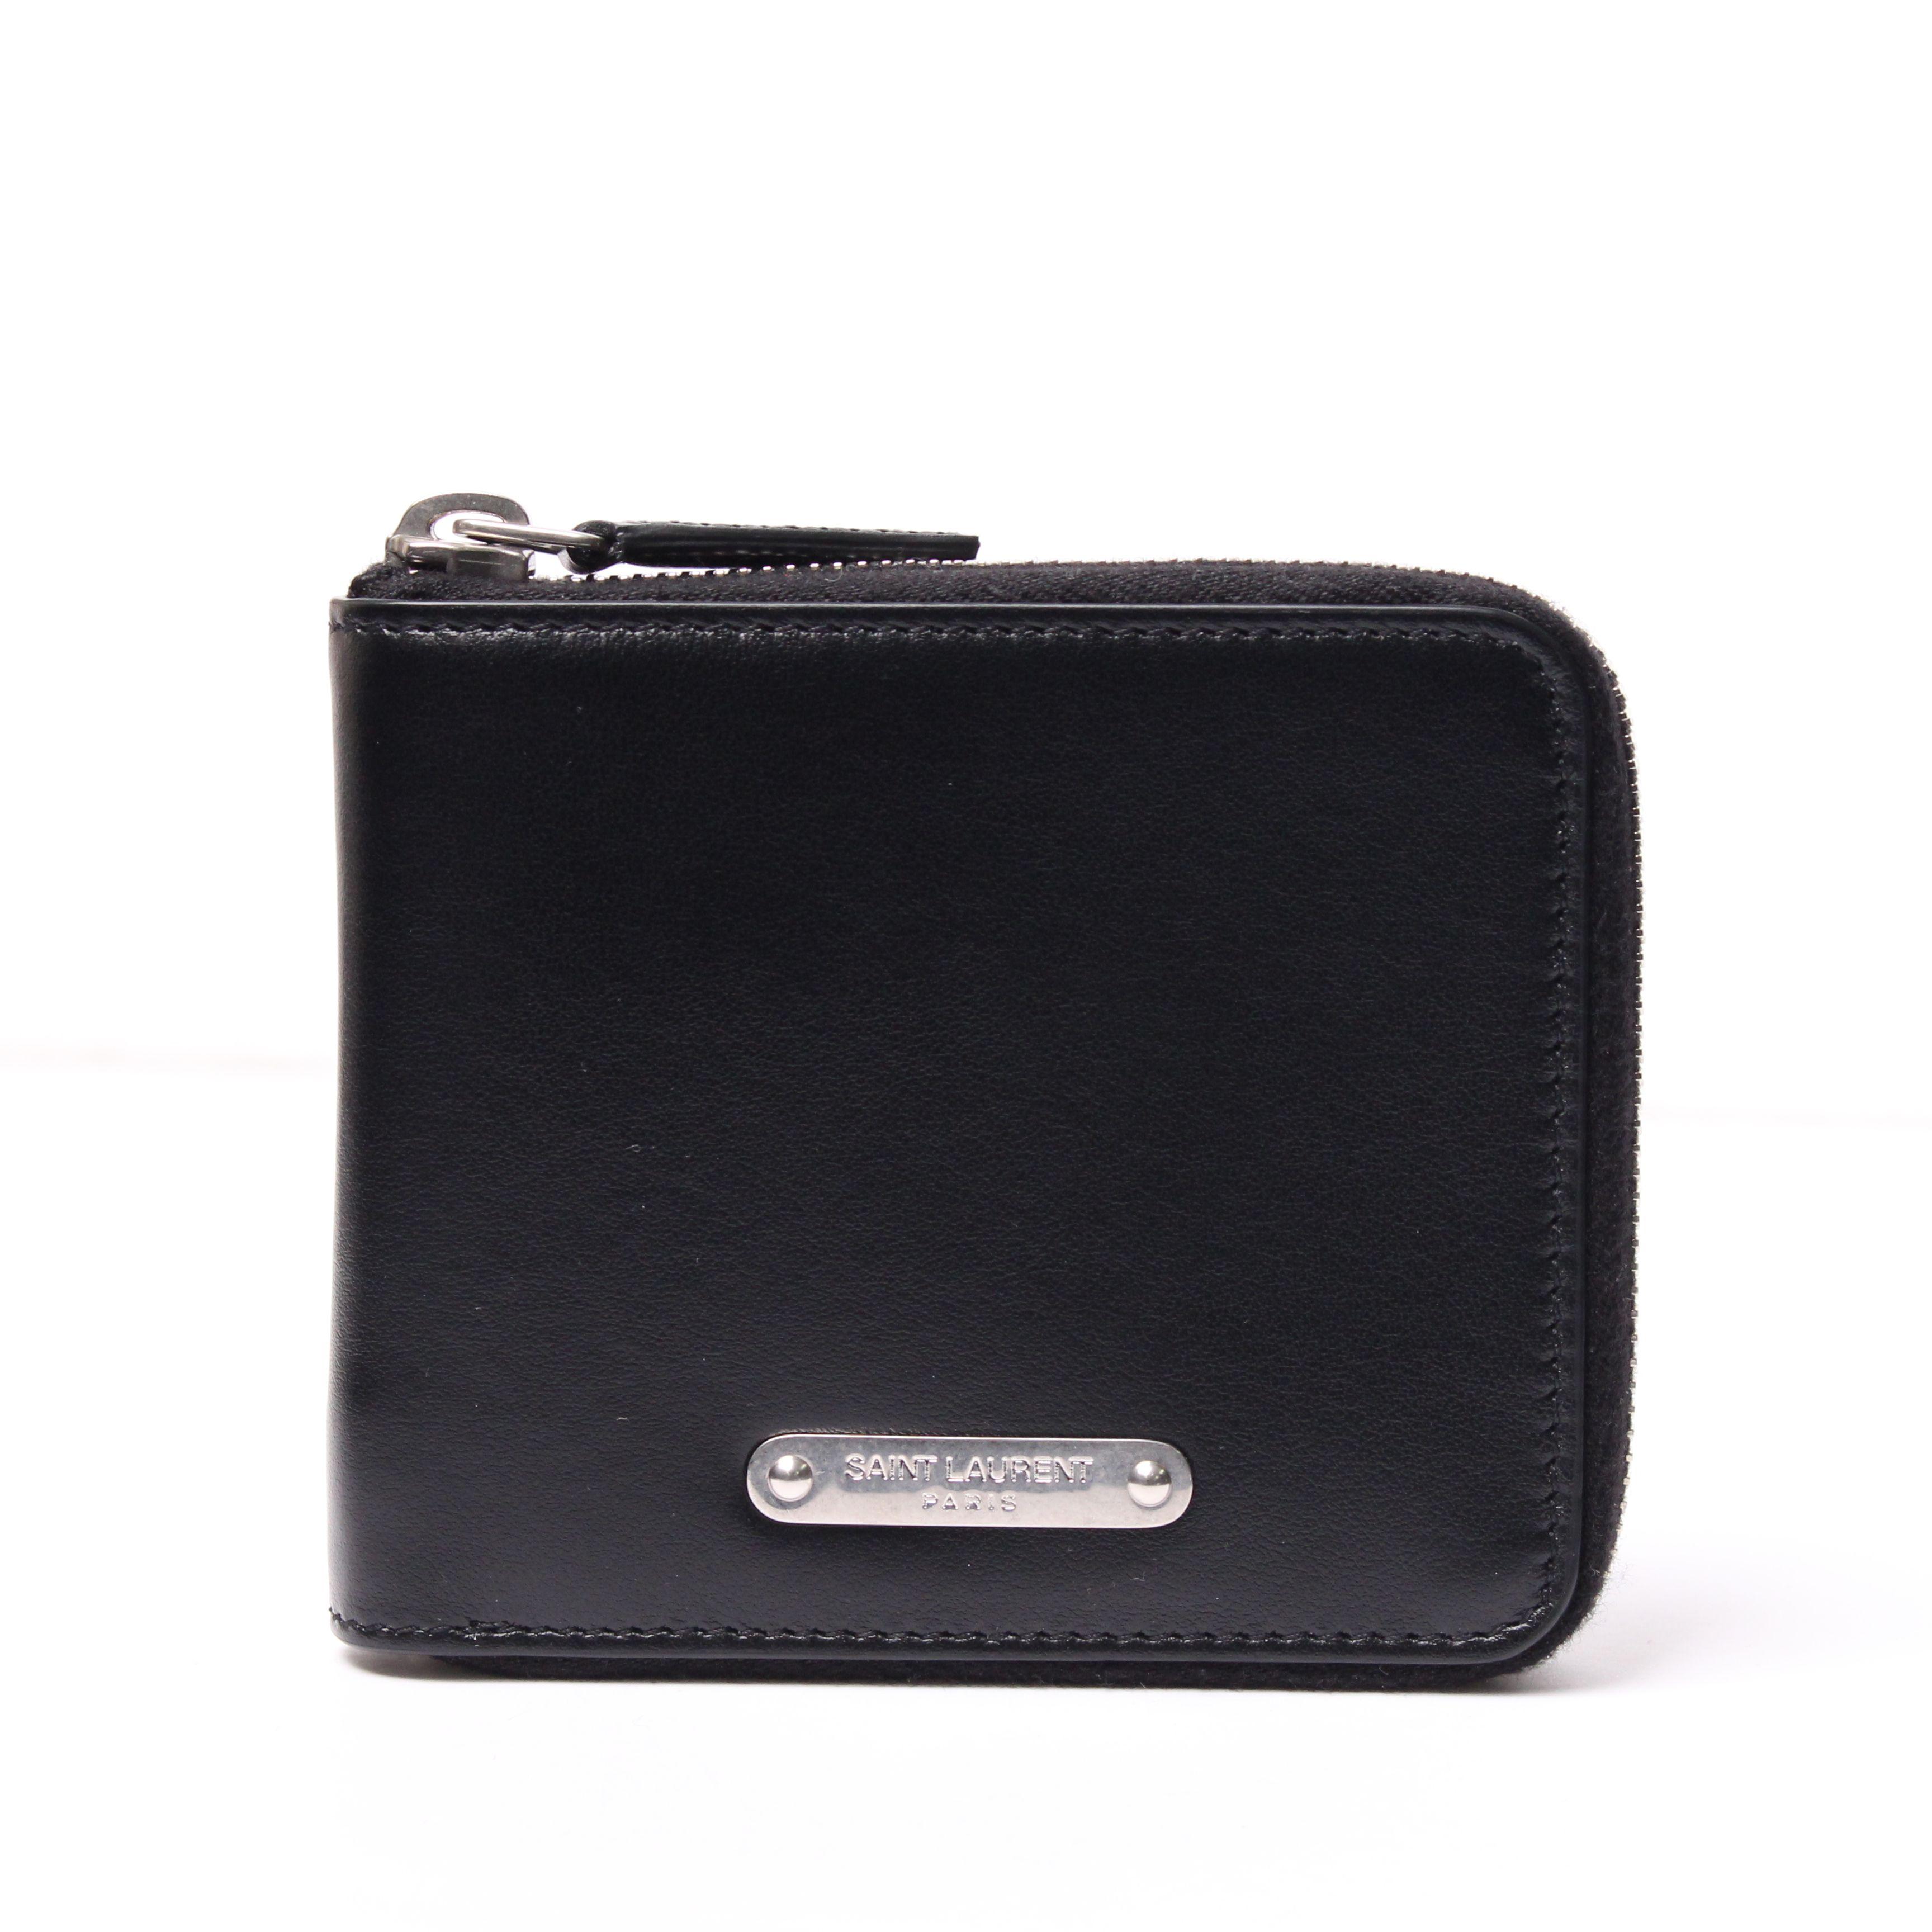 サンローラン二つ折りメンズファスナー財布